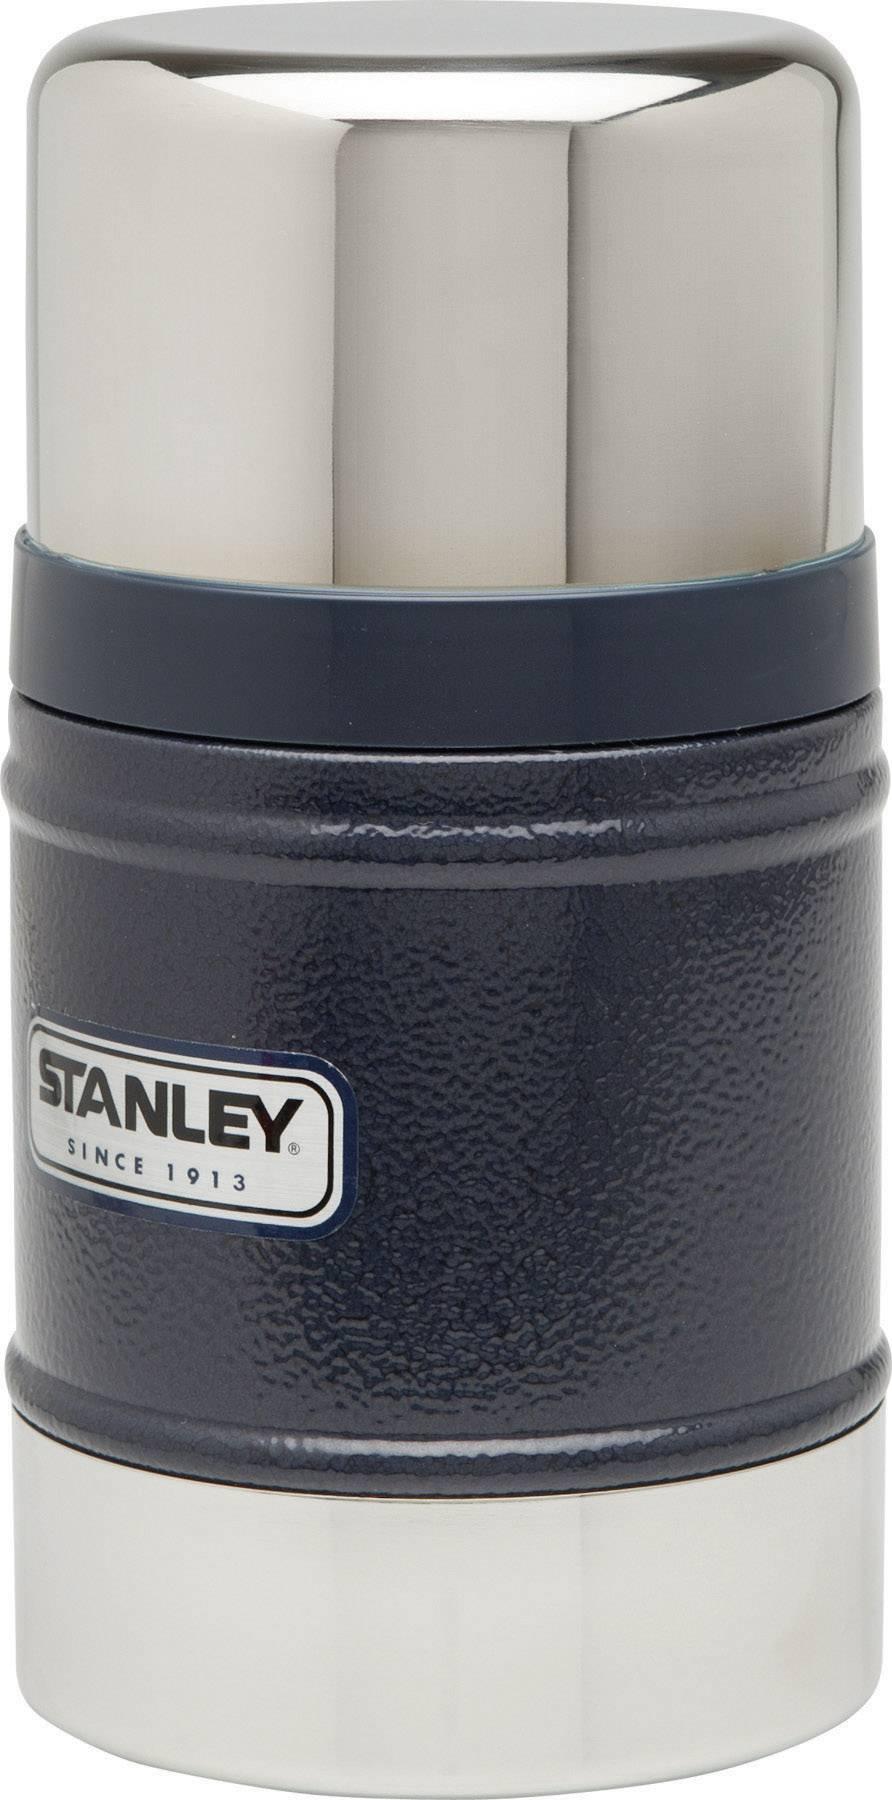 Kempingové nádoby na potraviny Stanley Vakuum-Speisebehälter Classic 10-00131-020